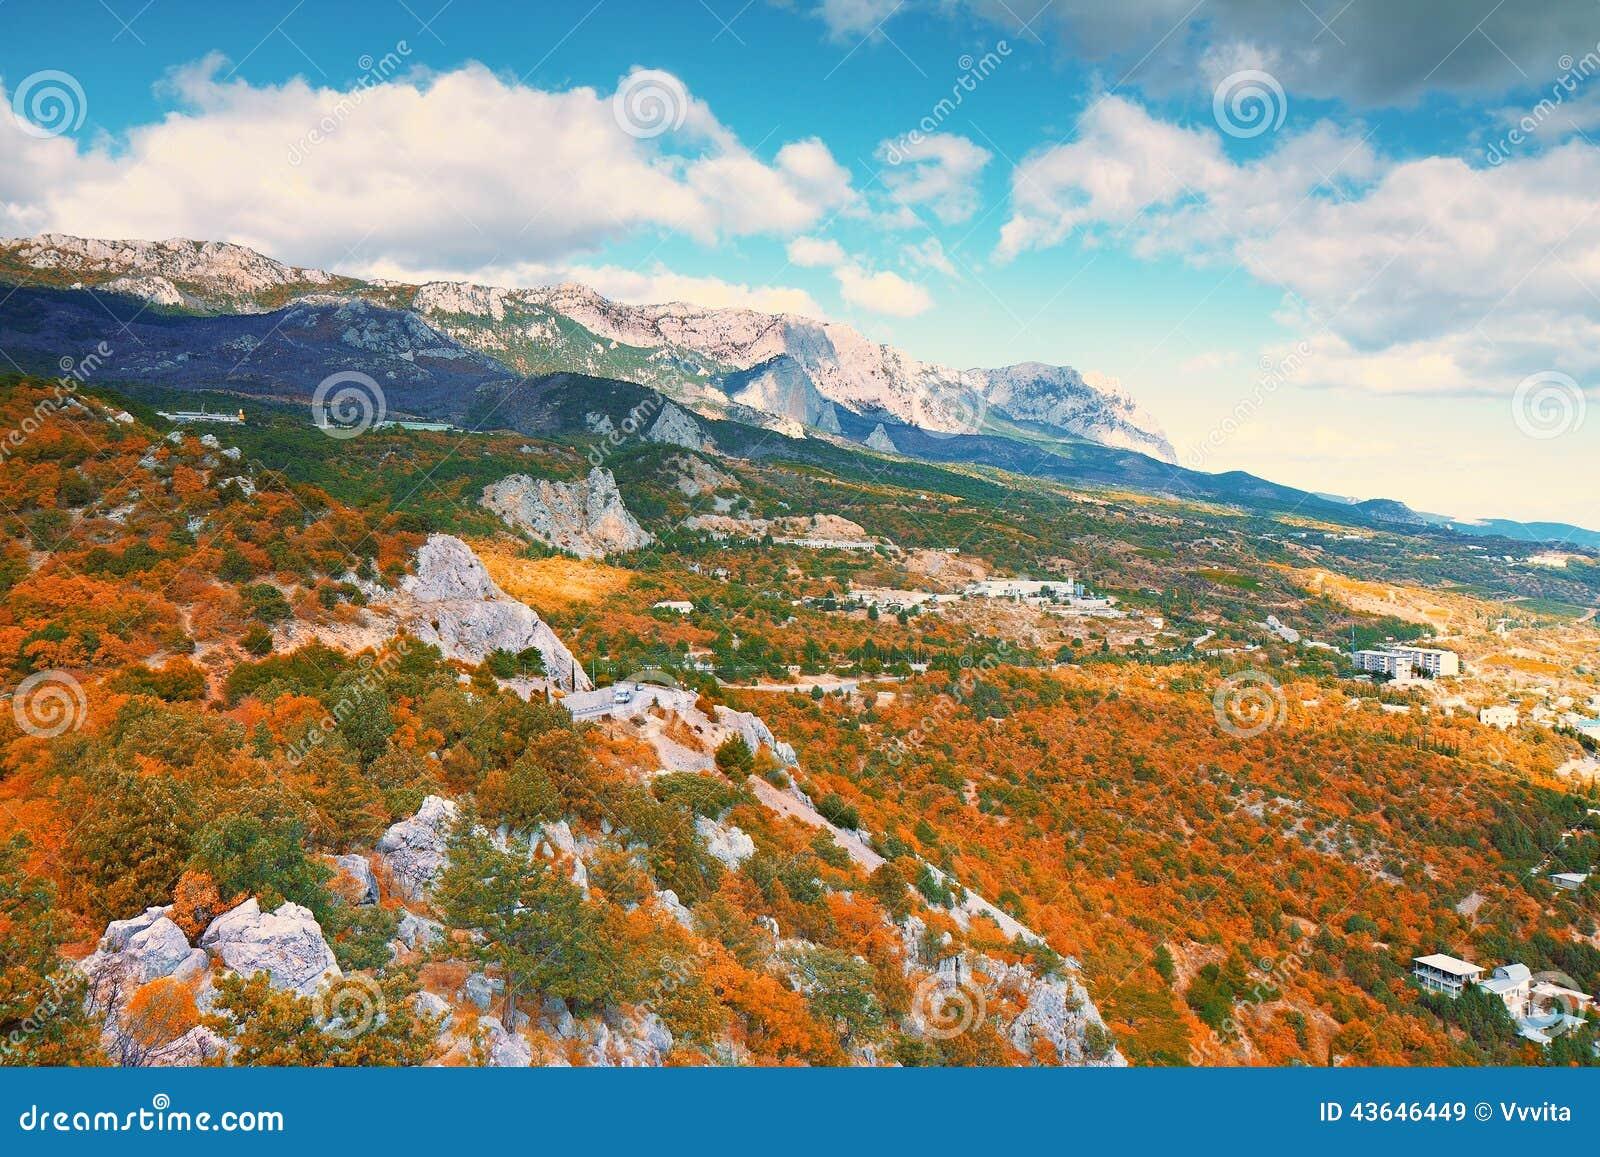 Mooie kleurrijke de herfstflank van heuvel